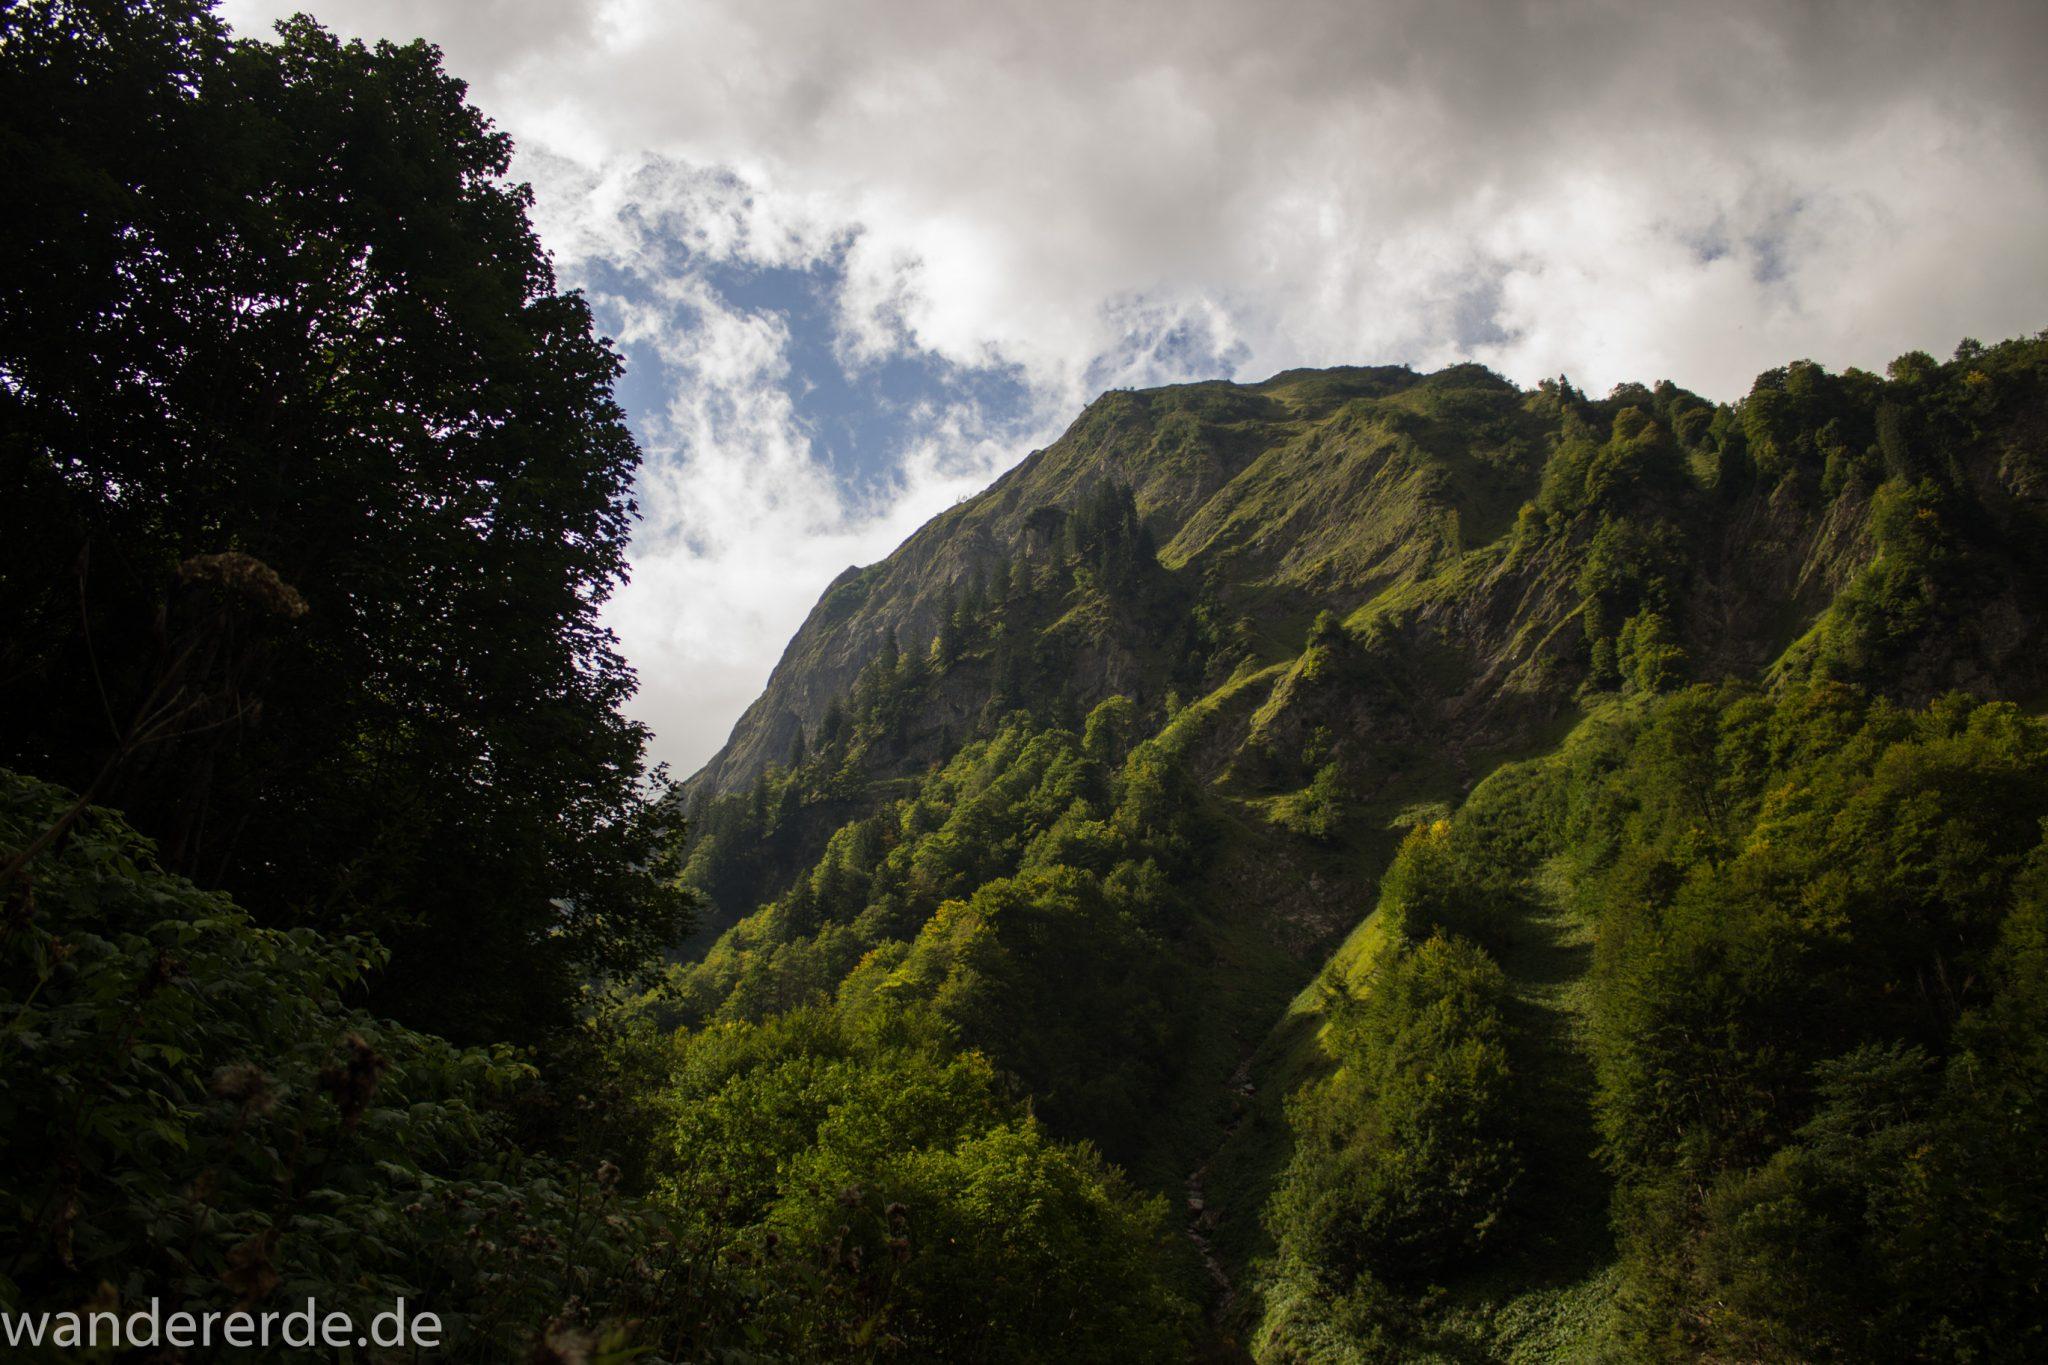 Alpenüberquerung Fernwanderweg E5 Oberstdorf Meran, 1. Etappe von Oberstdorf zur Kemptner Hütte, Wanderweg führt von der Spielmannsau bei Oberstdorf im Allgäu zur Kemptner Hütte  entlang eines schmalen Wanderpfads umgeben von saftig grüner Vegetation, schöner, dichter Wald, Aussicht auf die Berge im Allgäu, Bayern